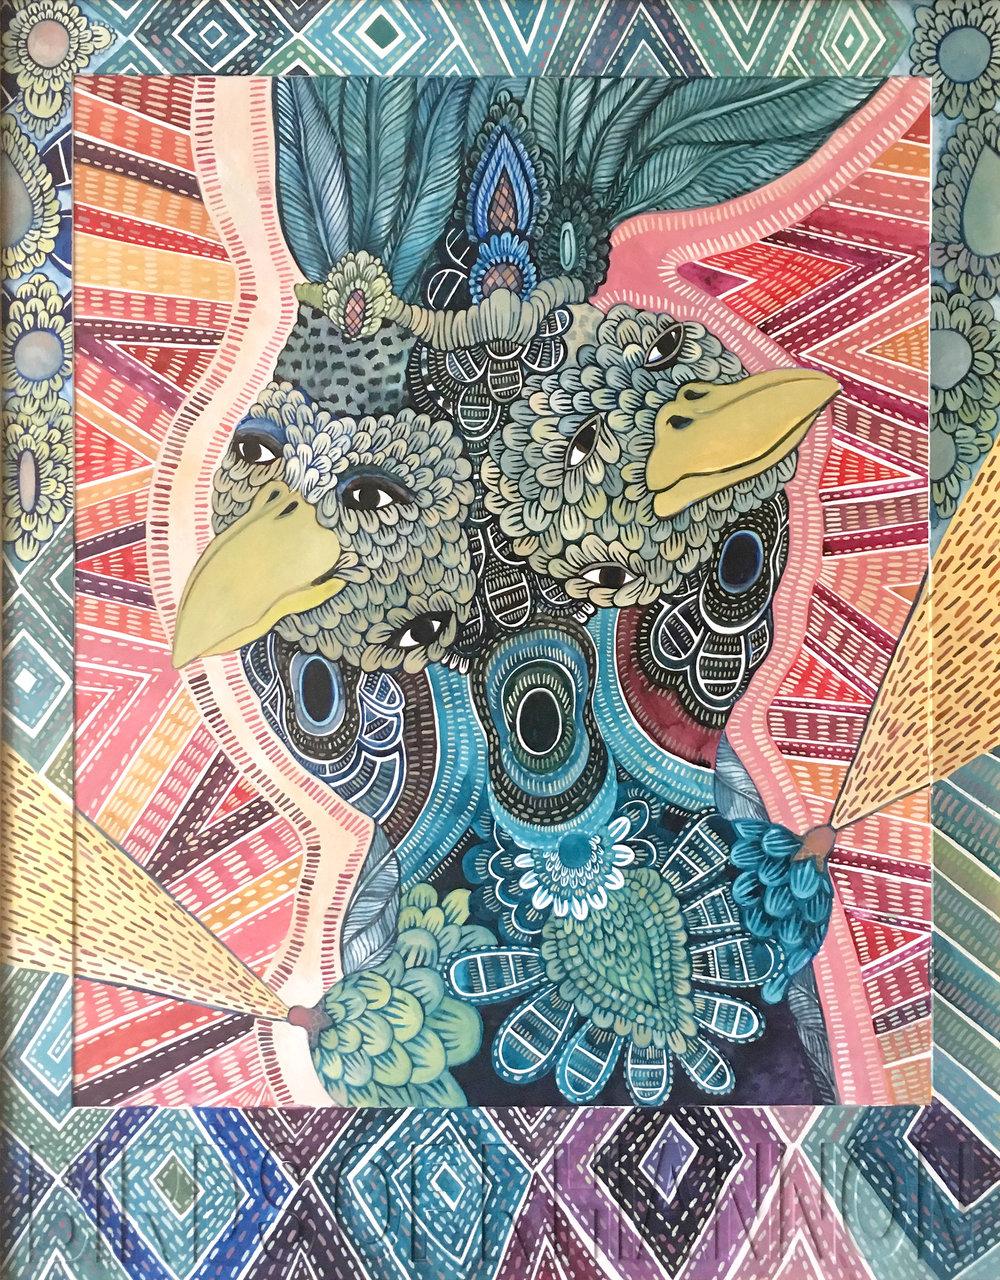 CECILIA FOGELBERG  BIRDS OF RHIANNON , 2019 gouache and watercolour on 100% cotton rag board, framed 87 x 68 cm